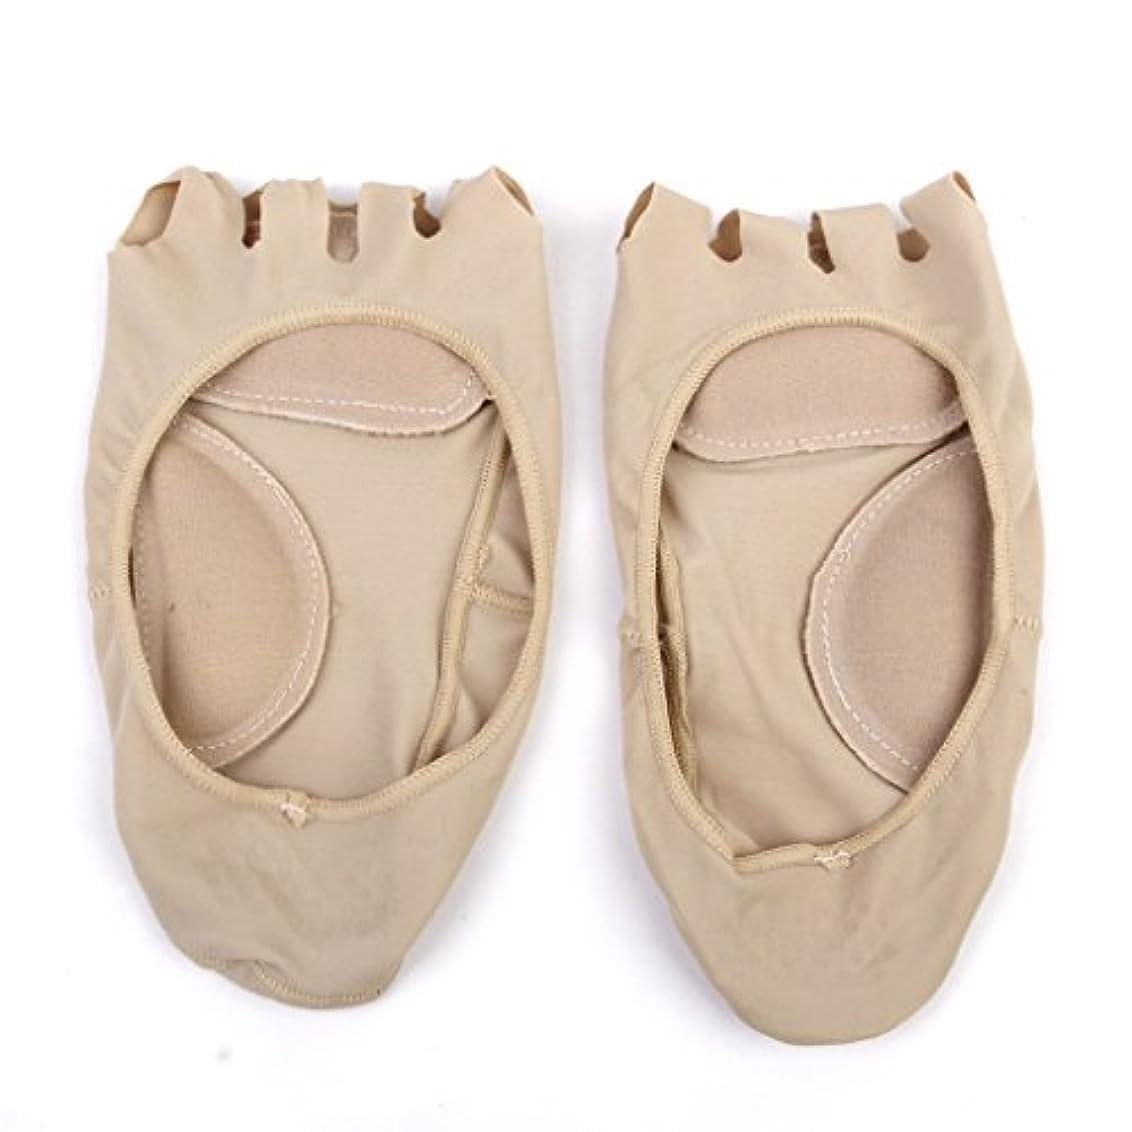 海上パワーセル呪い【Footful】ソックス 靴下 5つ本指つま先 ボートソックス マッサージパッド 見えない 滑り止め アンクルソックス (ヌード)